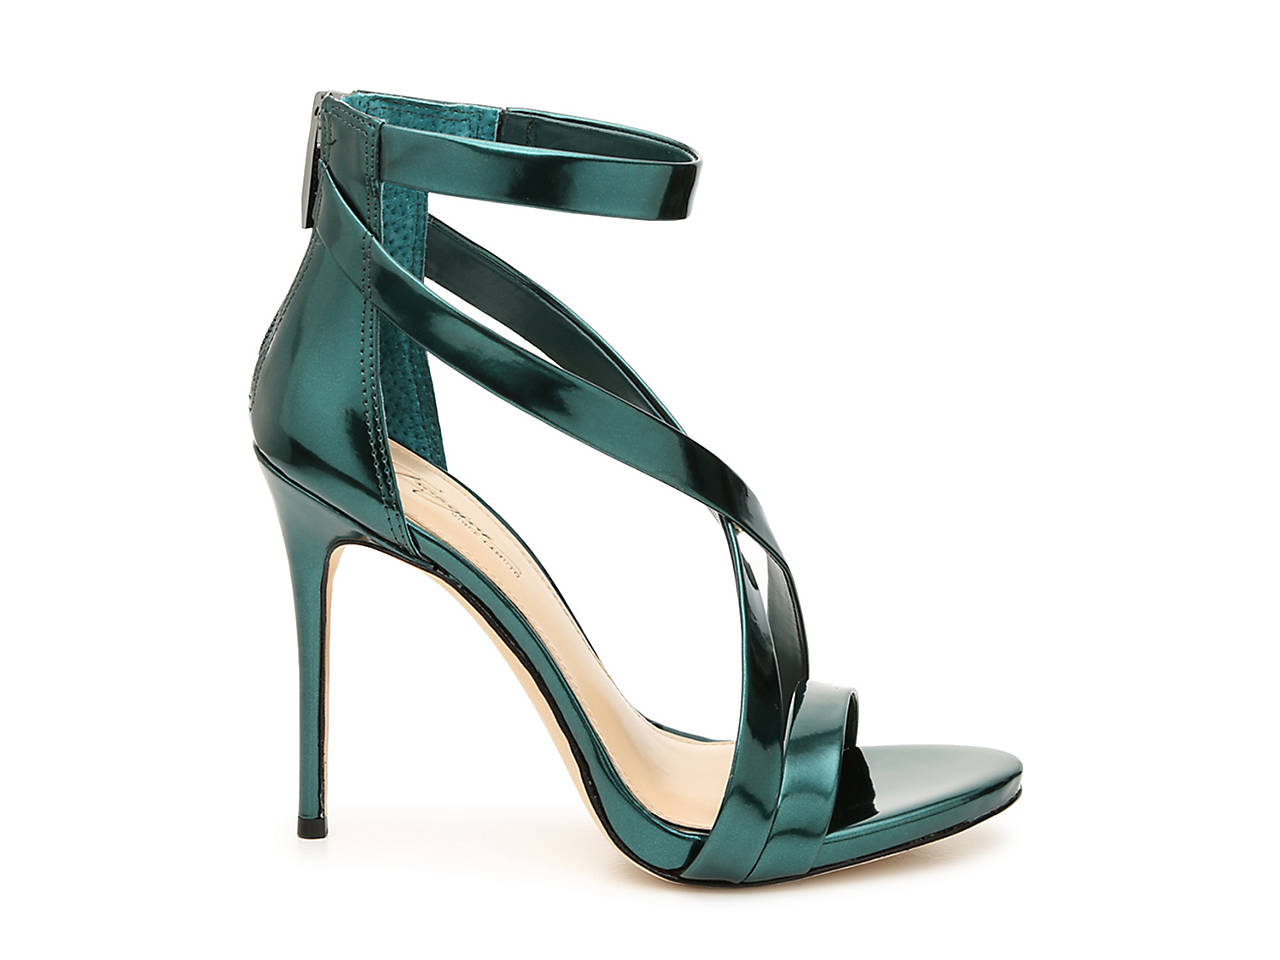 e95437212 Imagine Vince Camuto Devin Platform Sandal Women's Shoes | DSW